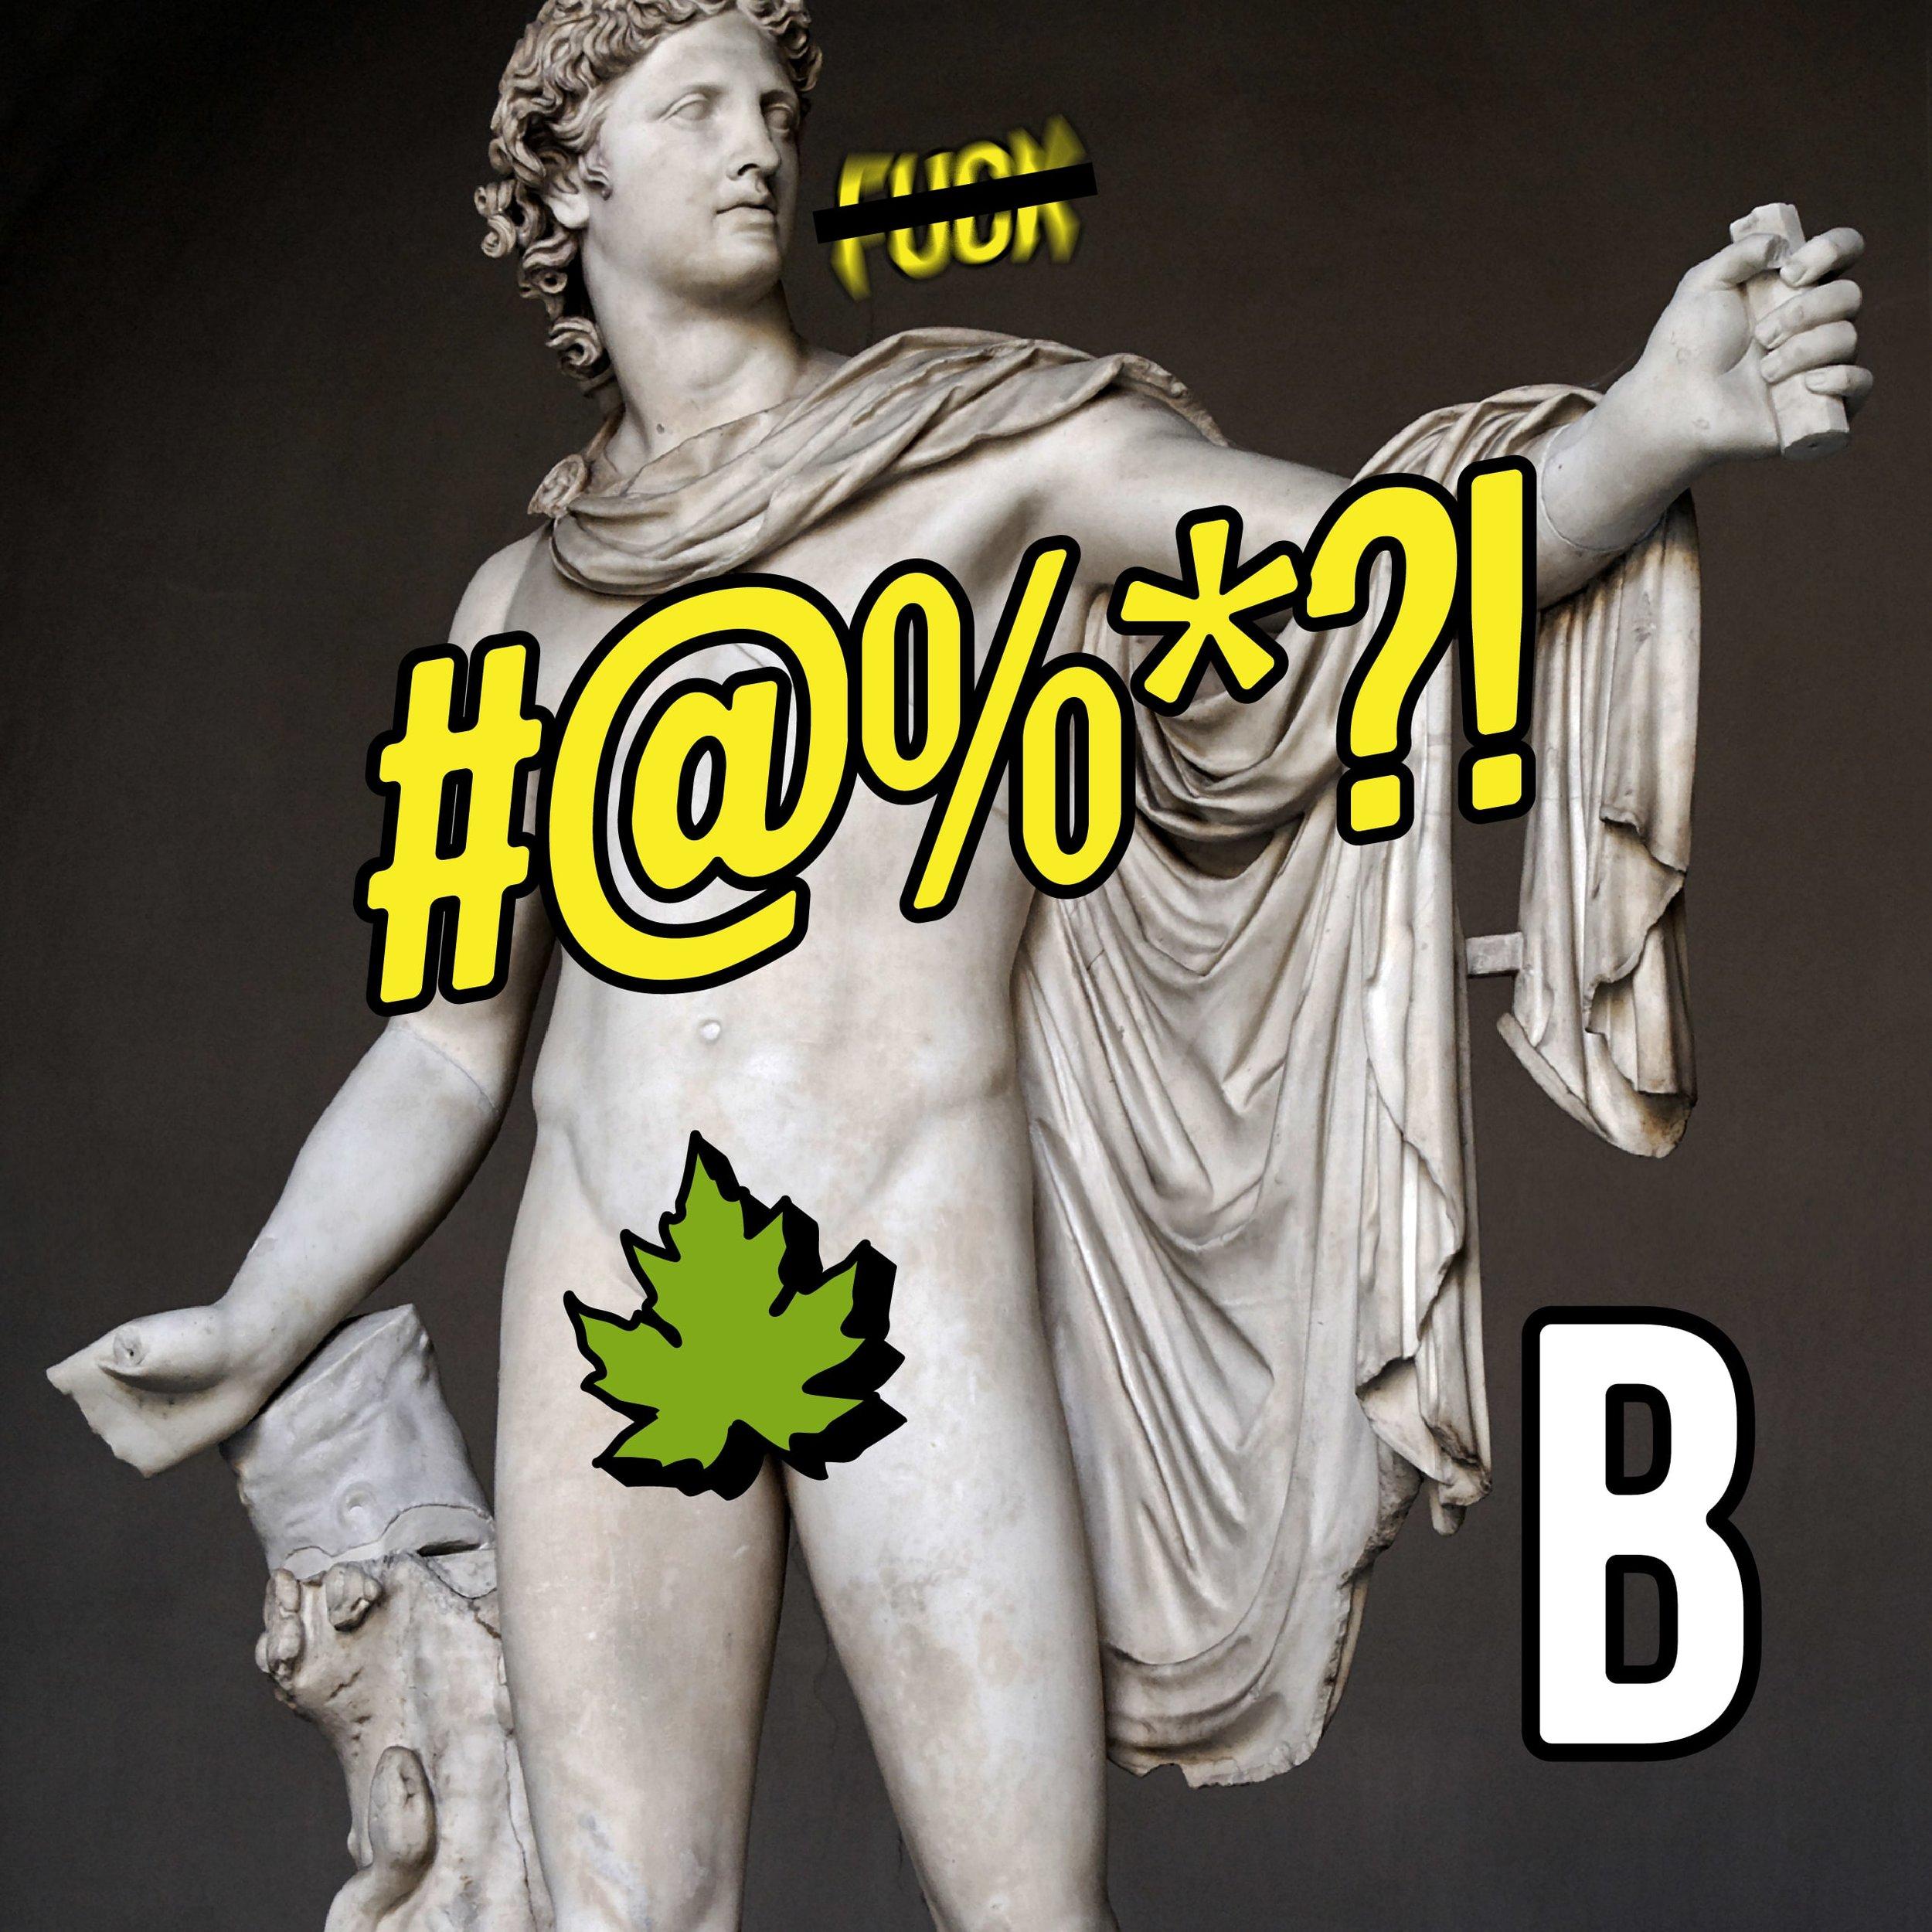 censor4.jpg